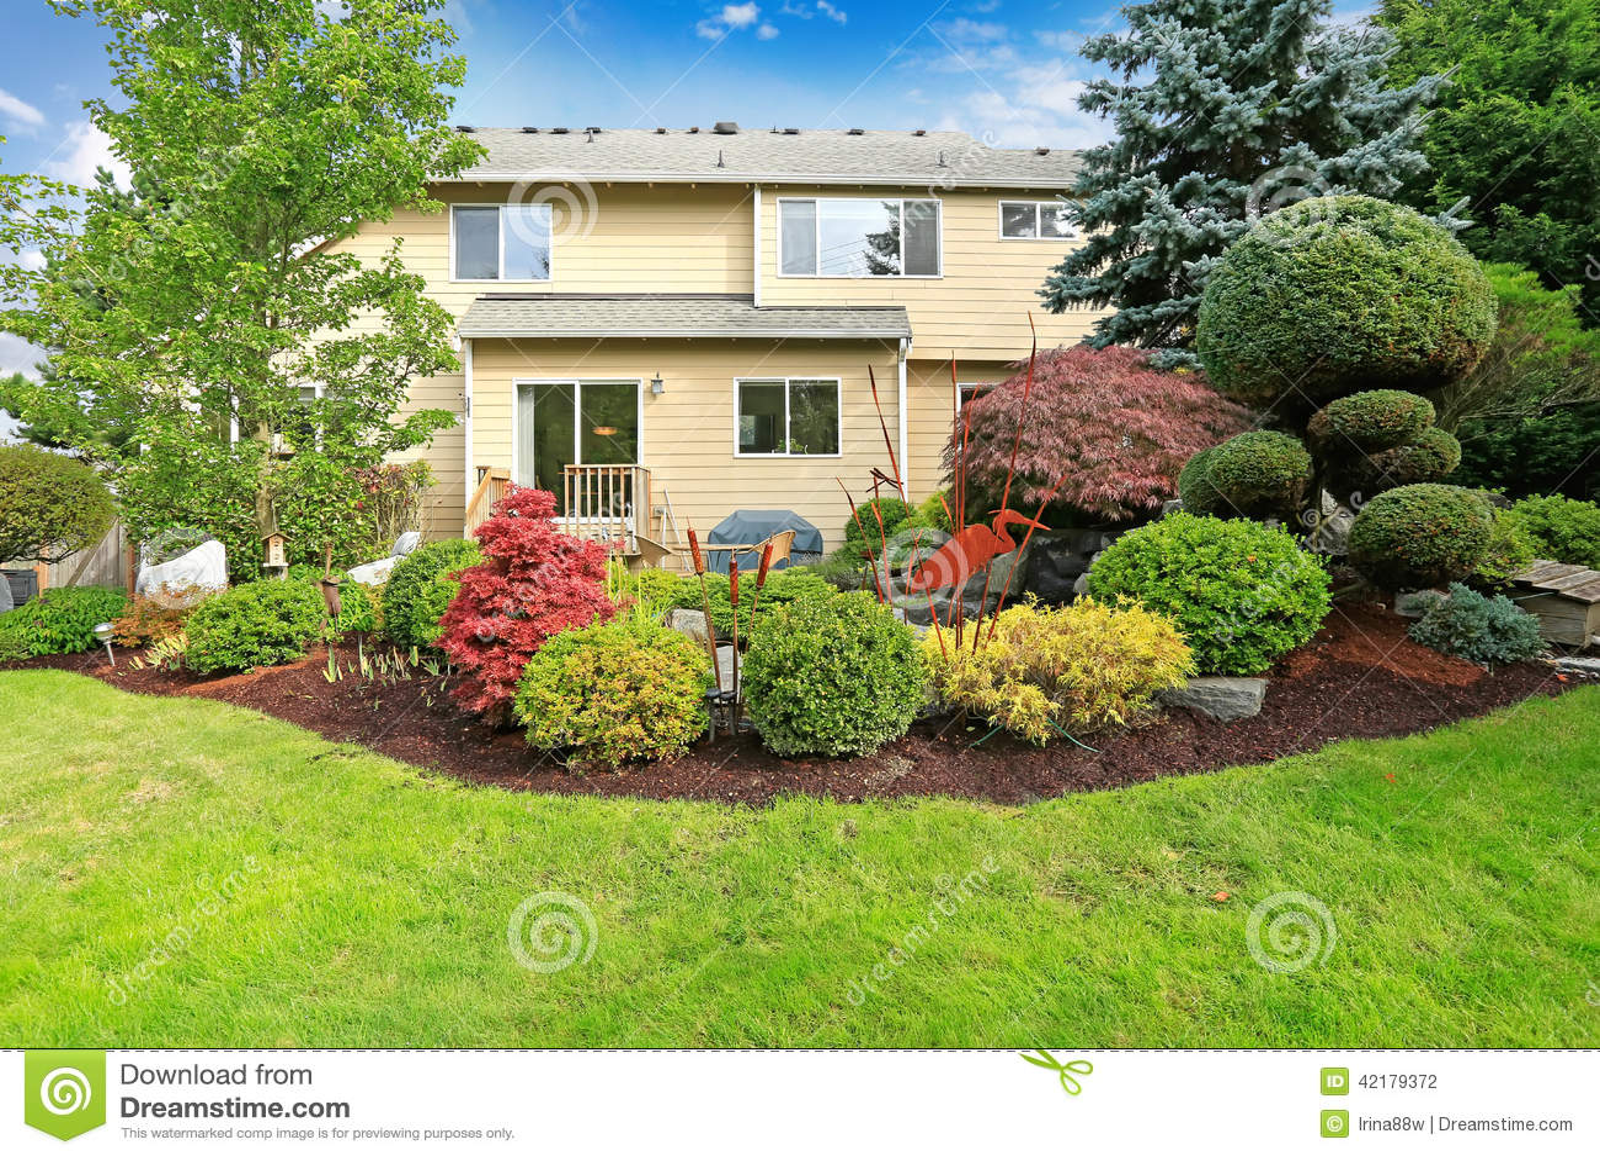 jardim quintal grande : jardim quintal grande:Casa Com O Jardim E Gramado Tropicais Do Quintal Foto de Stock